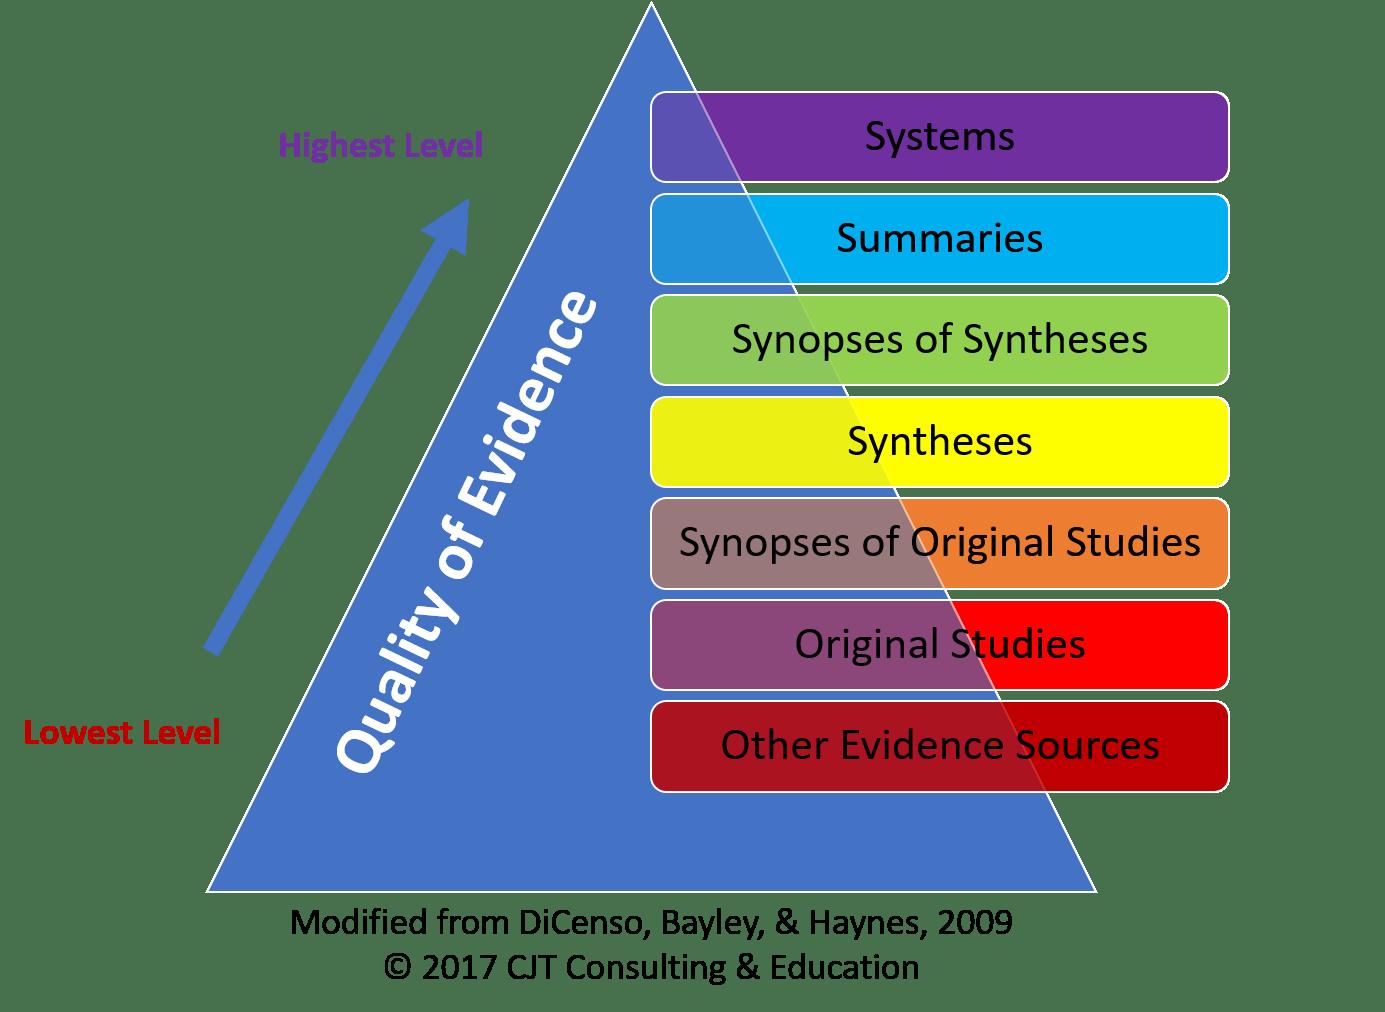 6spyramid Nursing Education Expert